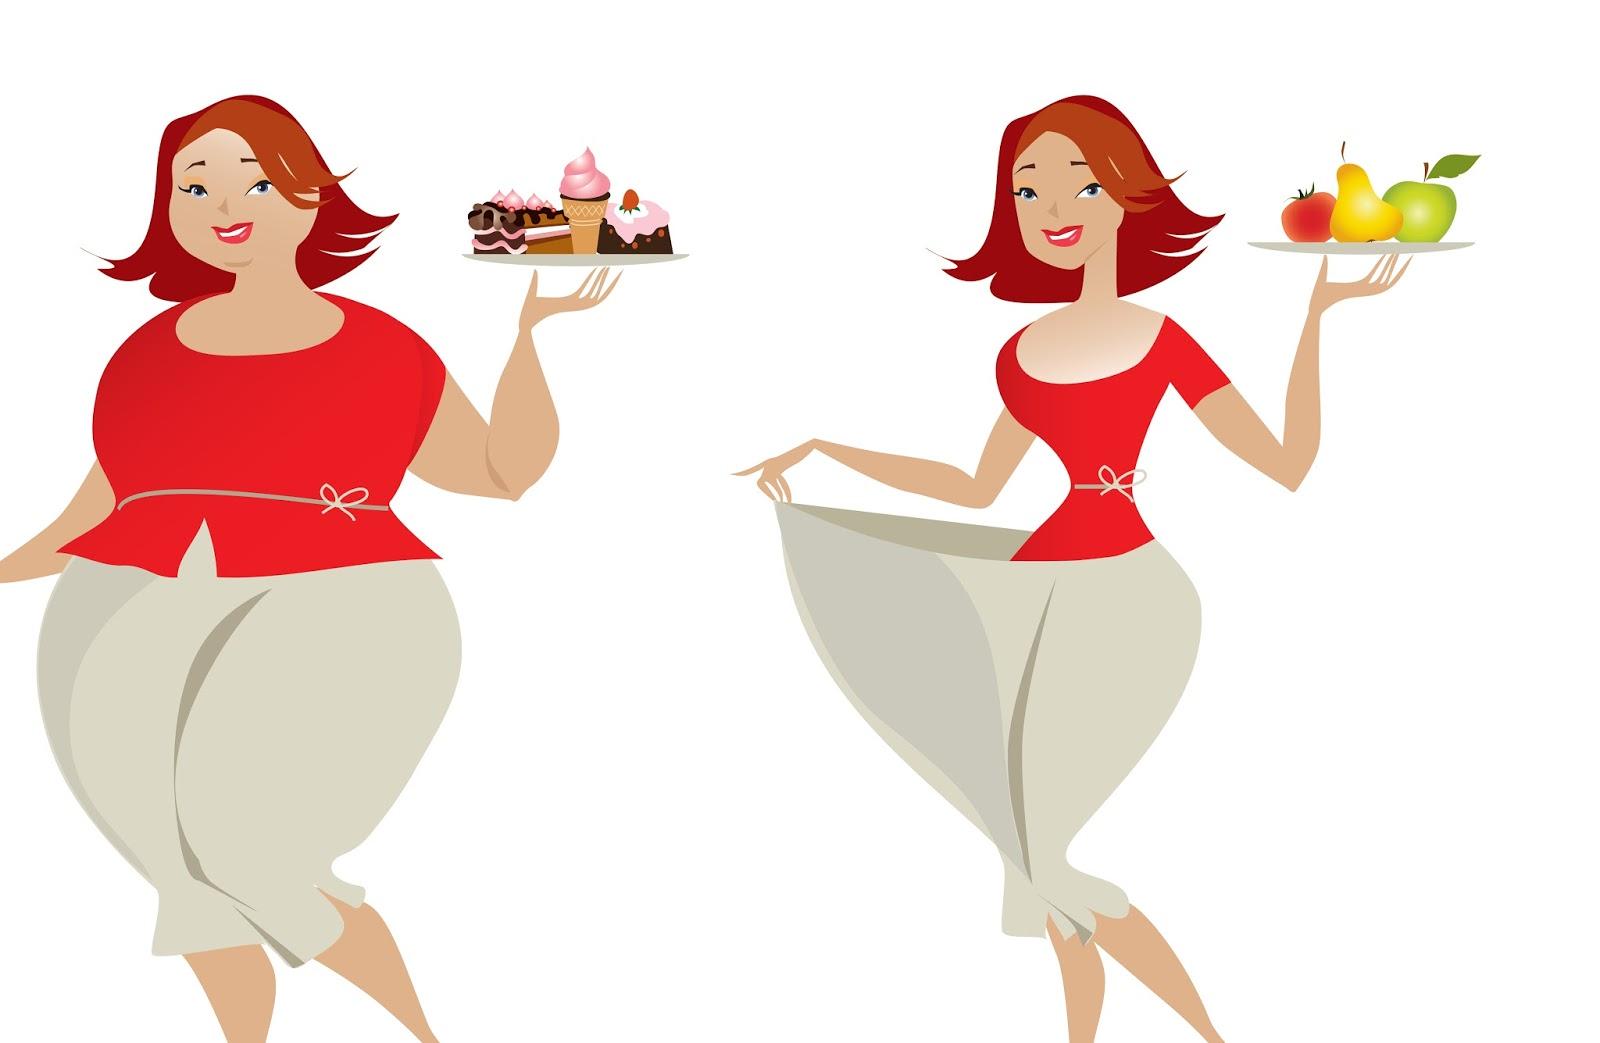 نتيجة بحث الصور عن صور لفقدان الوزن